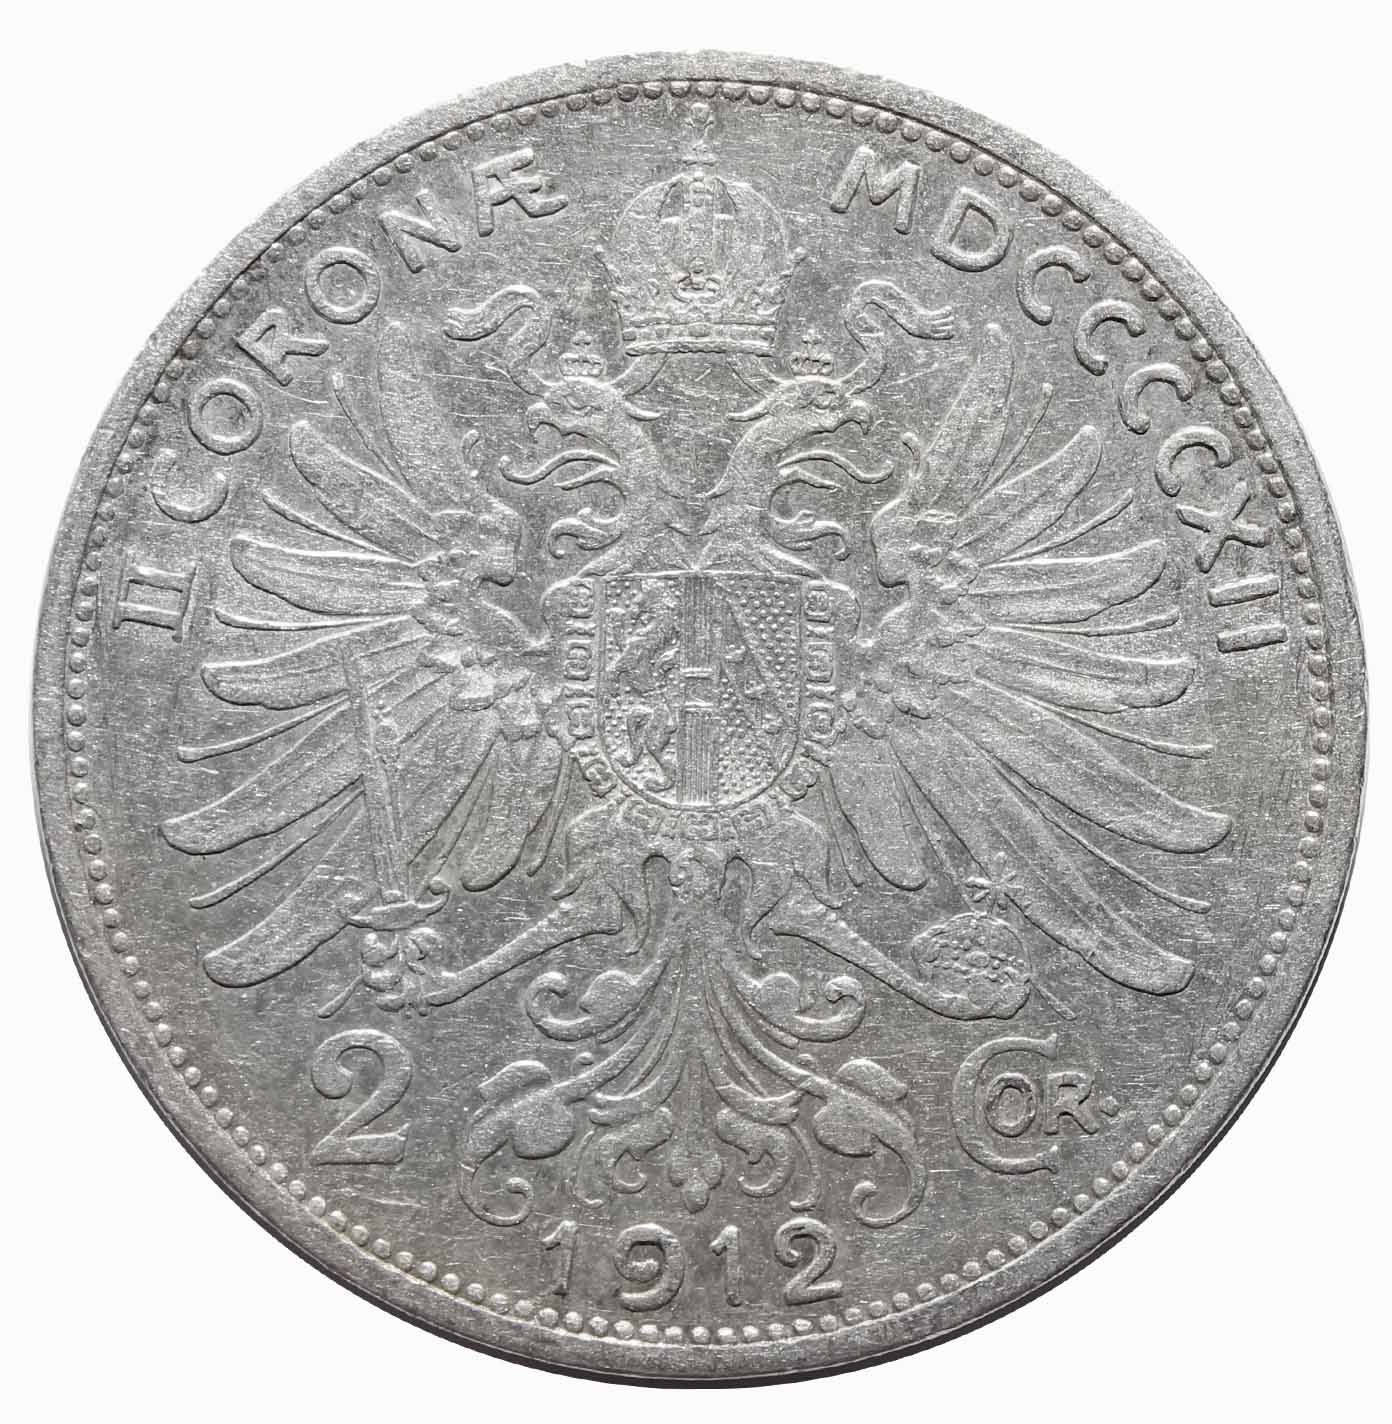 2 кроны 1912. Австрия XF. Серебро